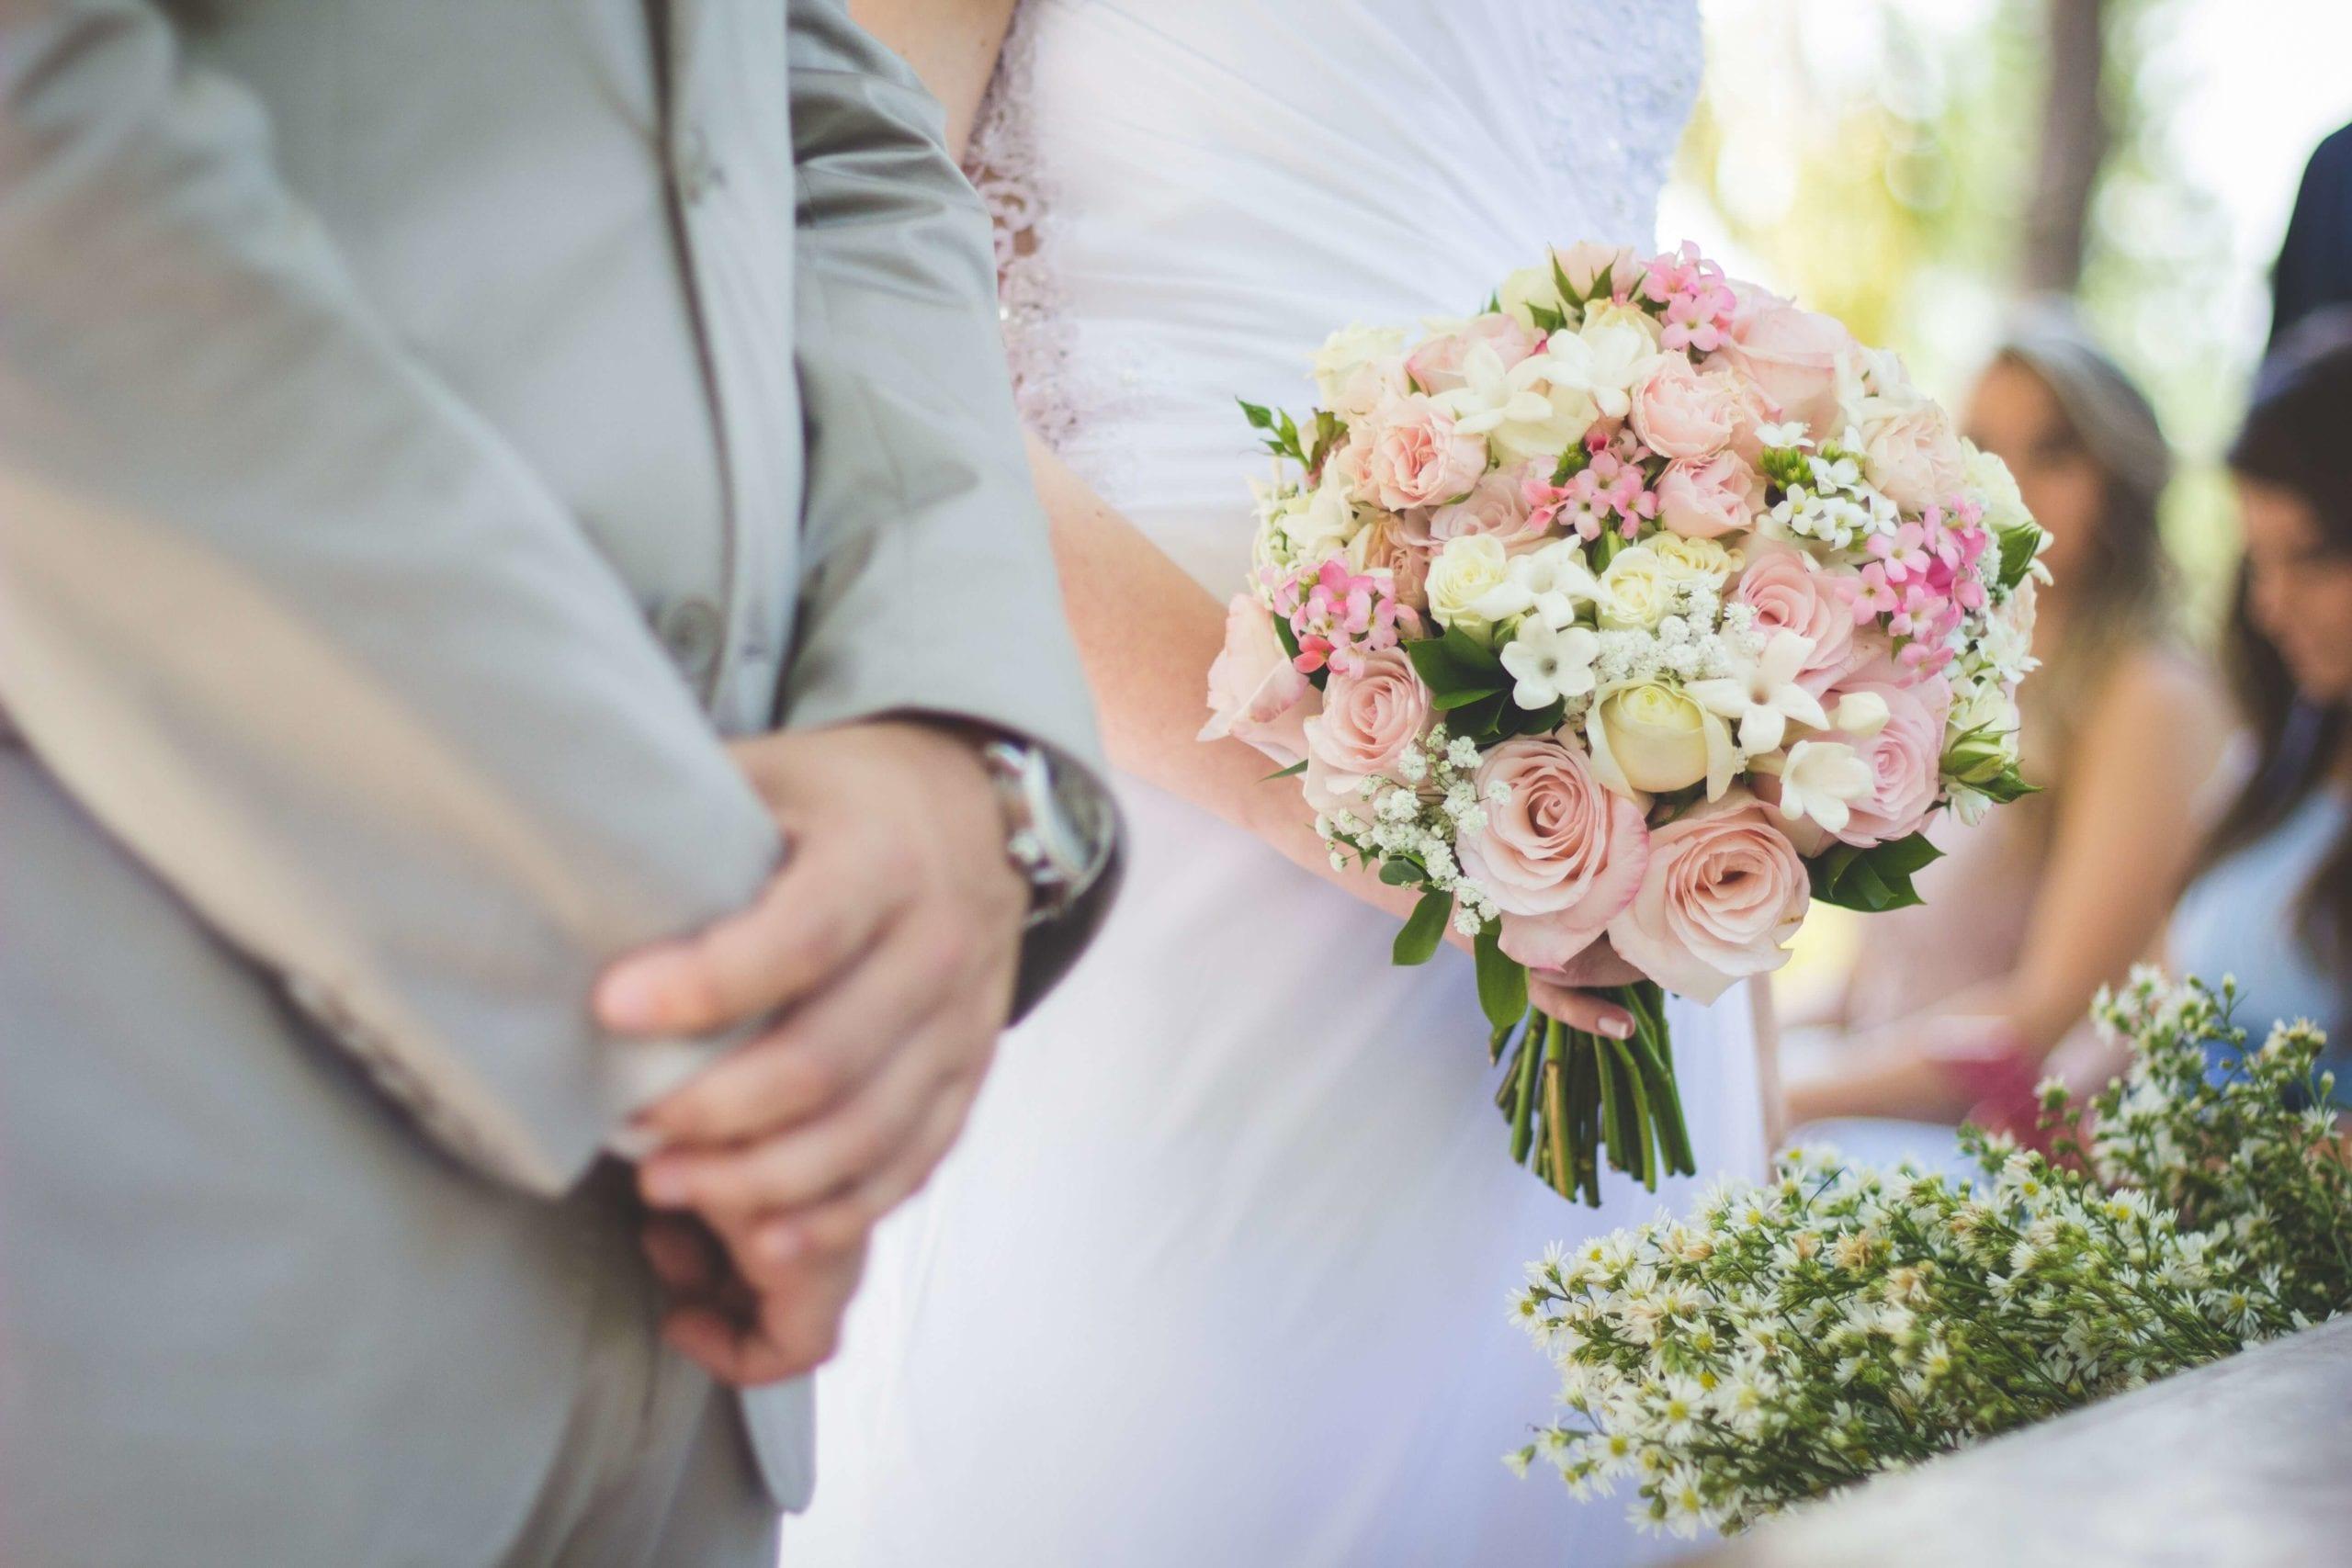 Comment s'habiller pour assister à un mariage?